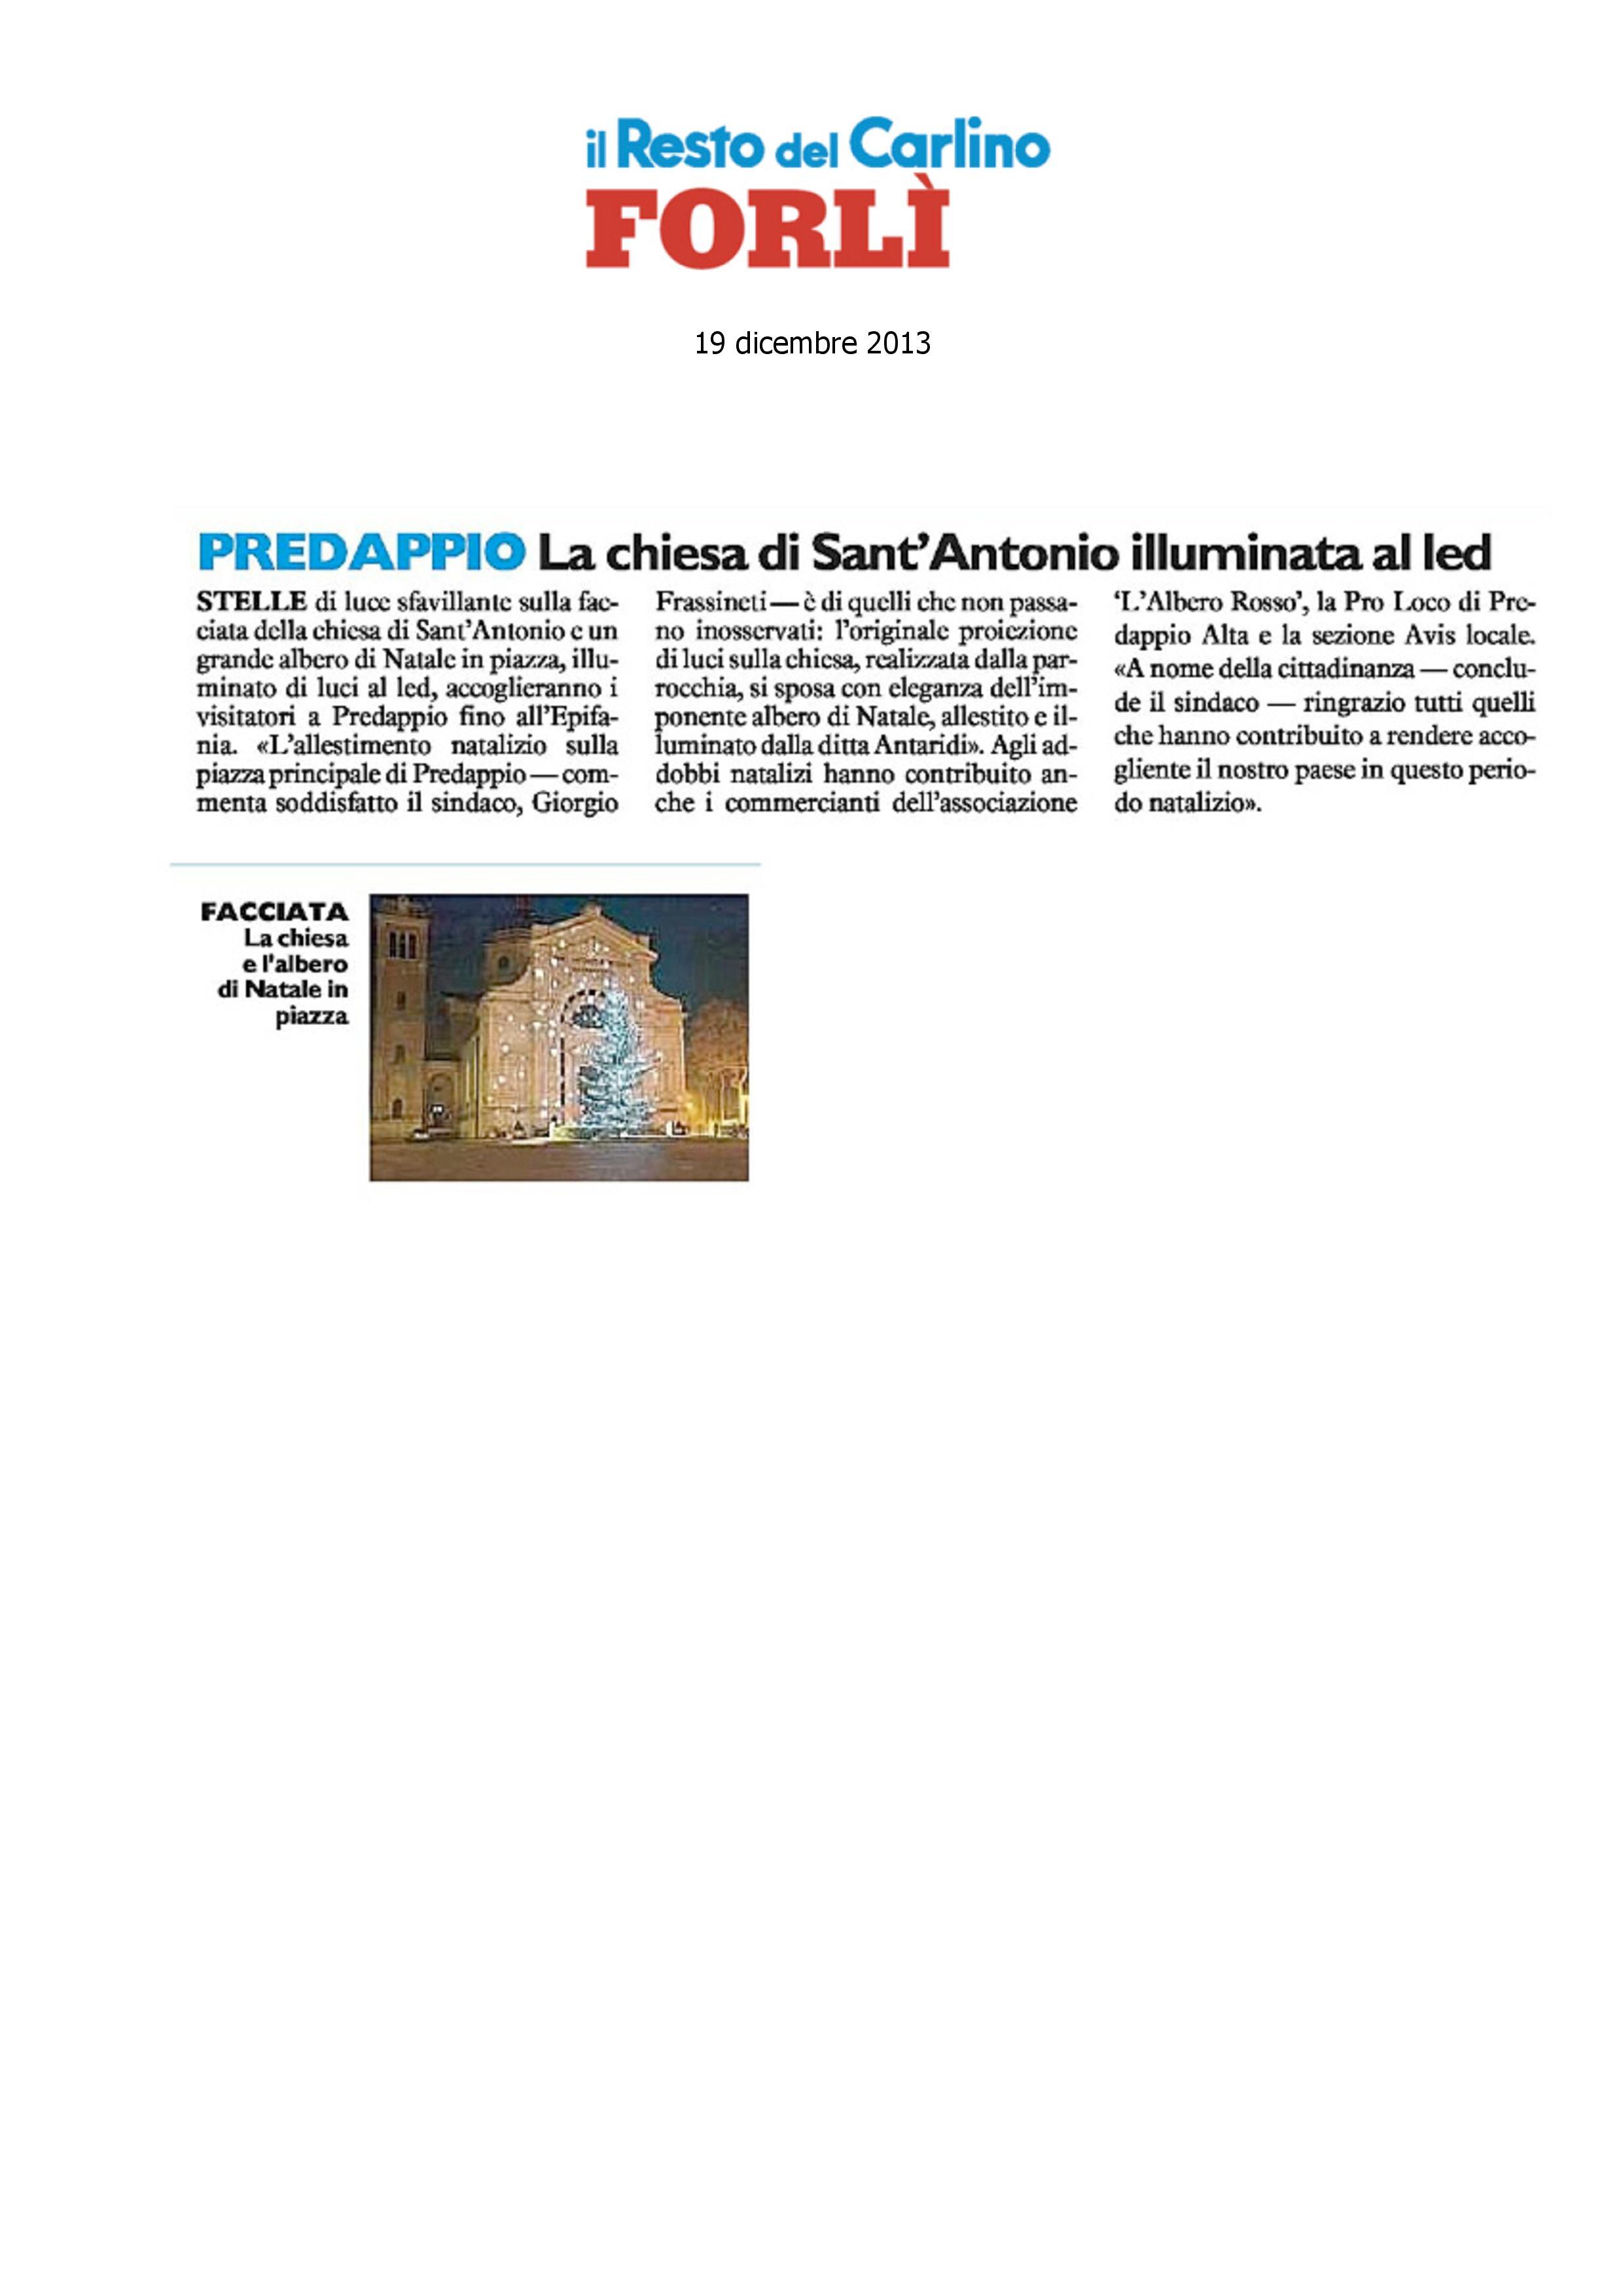 il-resto-del-carlino-19-12-2013-page-001